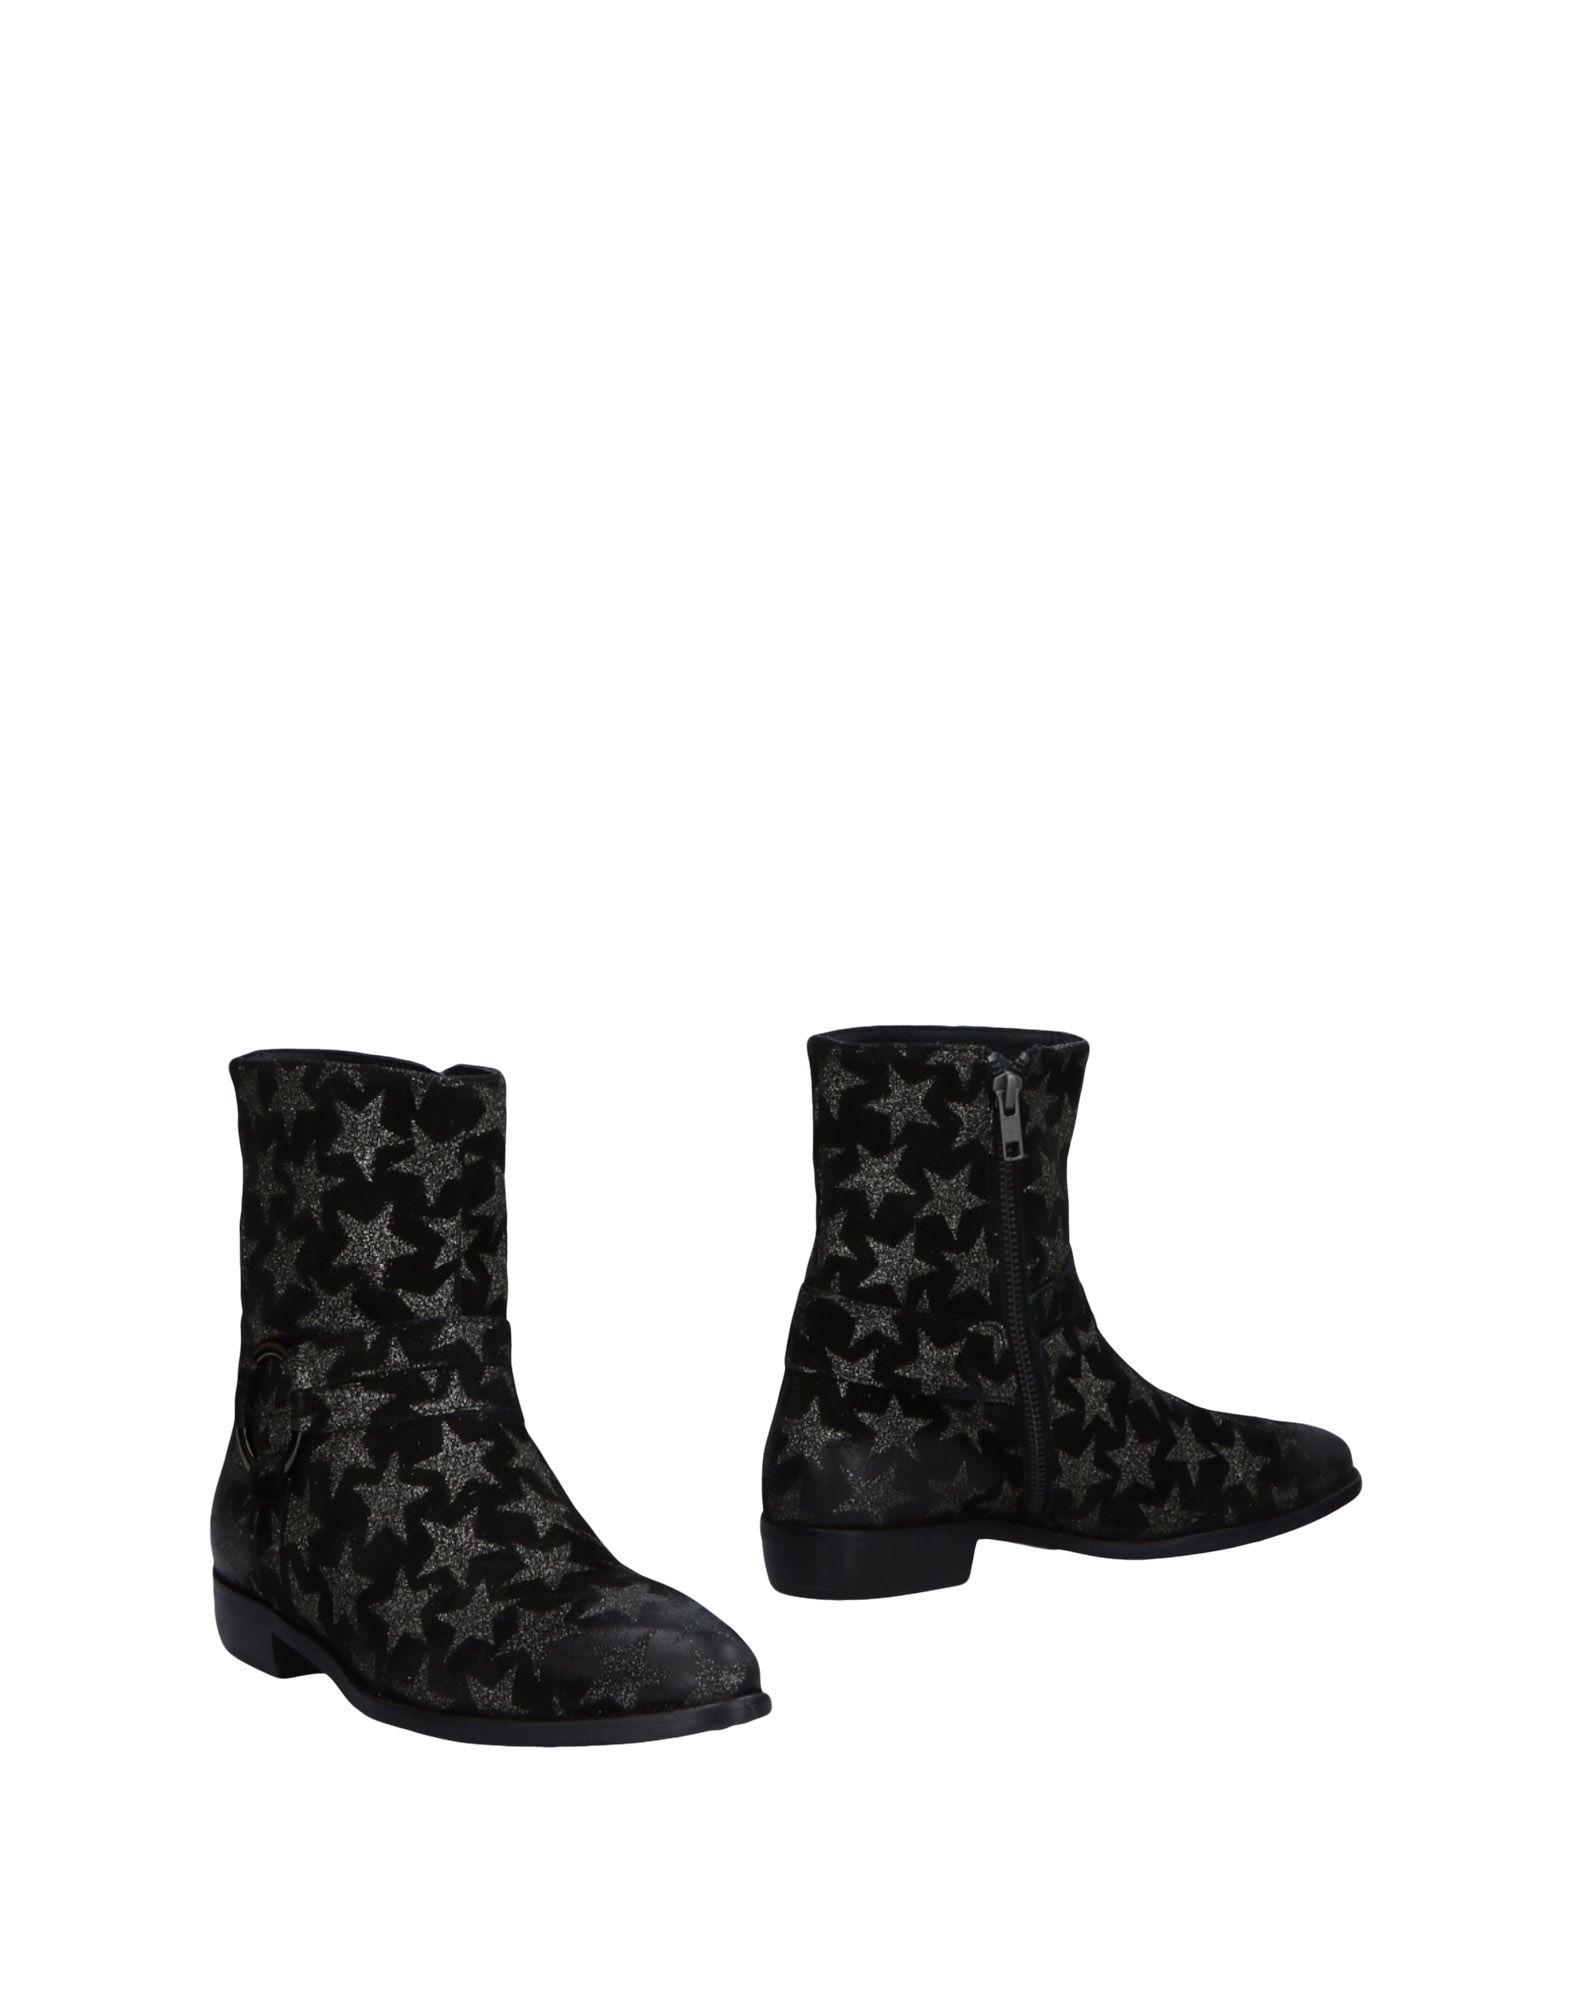 Stilvolle billige Stiefelette Schuhe Alexander Hotto Stiefelette billige Damen  11474960EC 53b5fe